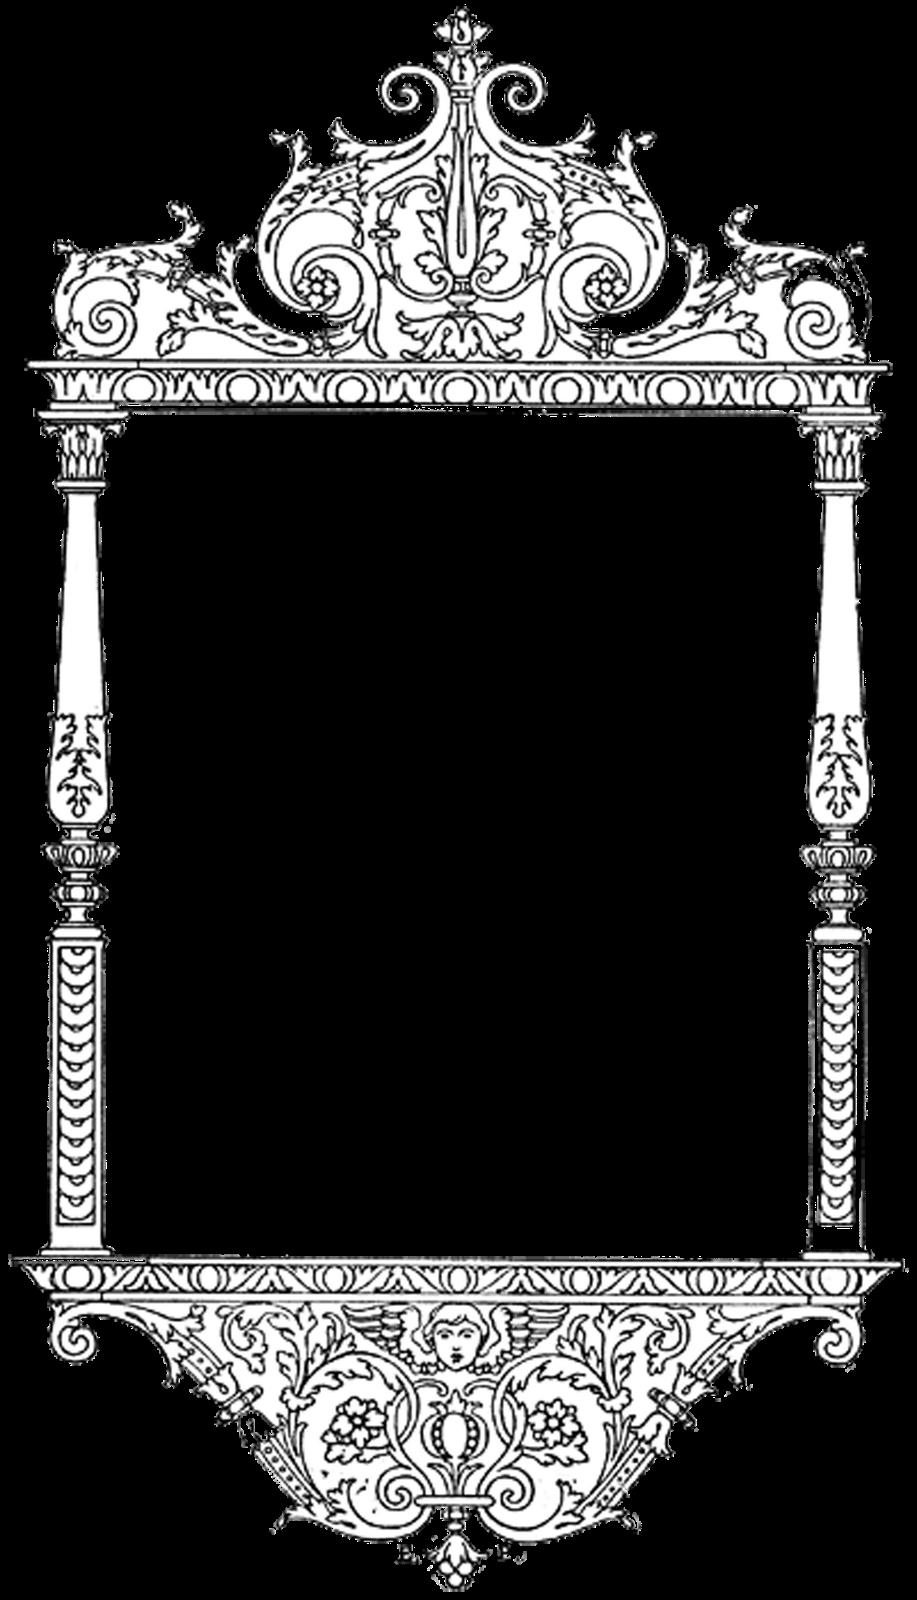 Frame svg/scroll clipart/frame svg/swirl silhouette/frame   Etsy